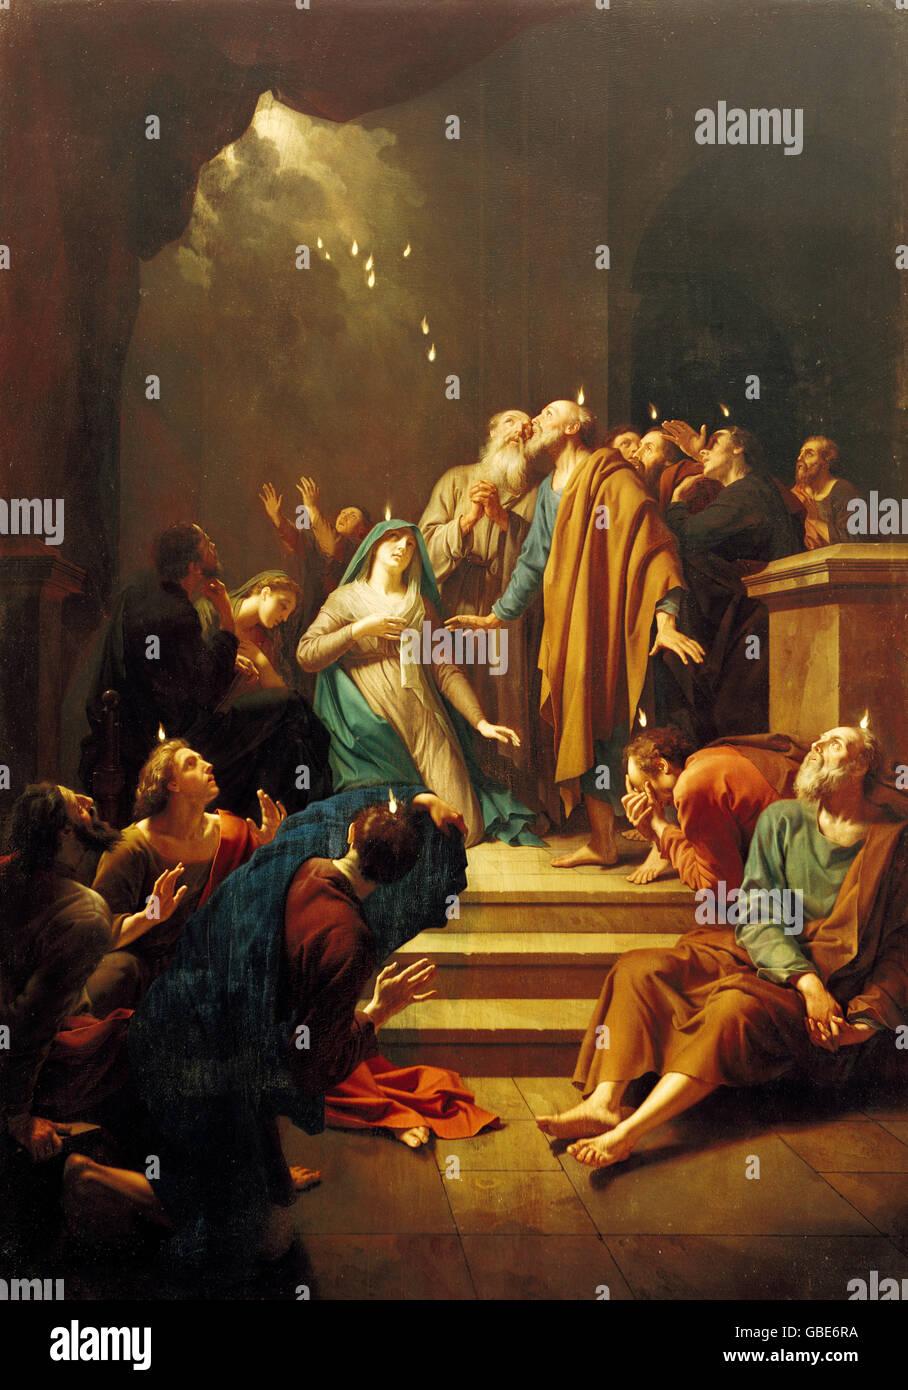 fine arts, Adriaen van der Werff (1659 - 1722), painting, Pentecost, Castle Schleissheim, Germany, - Stock Image